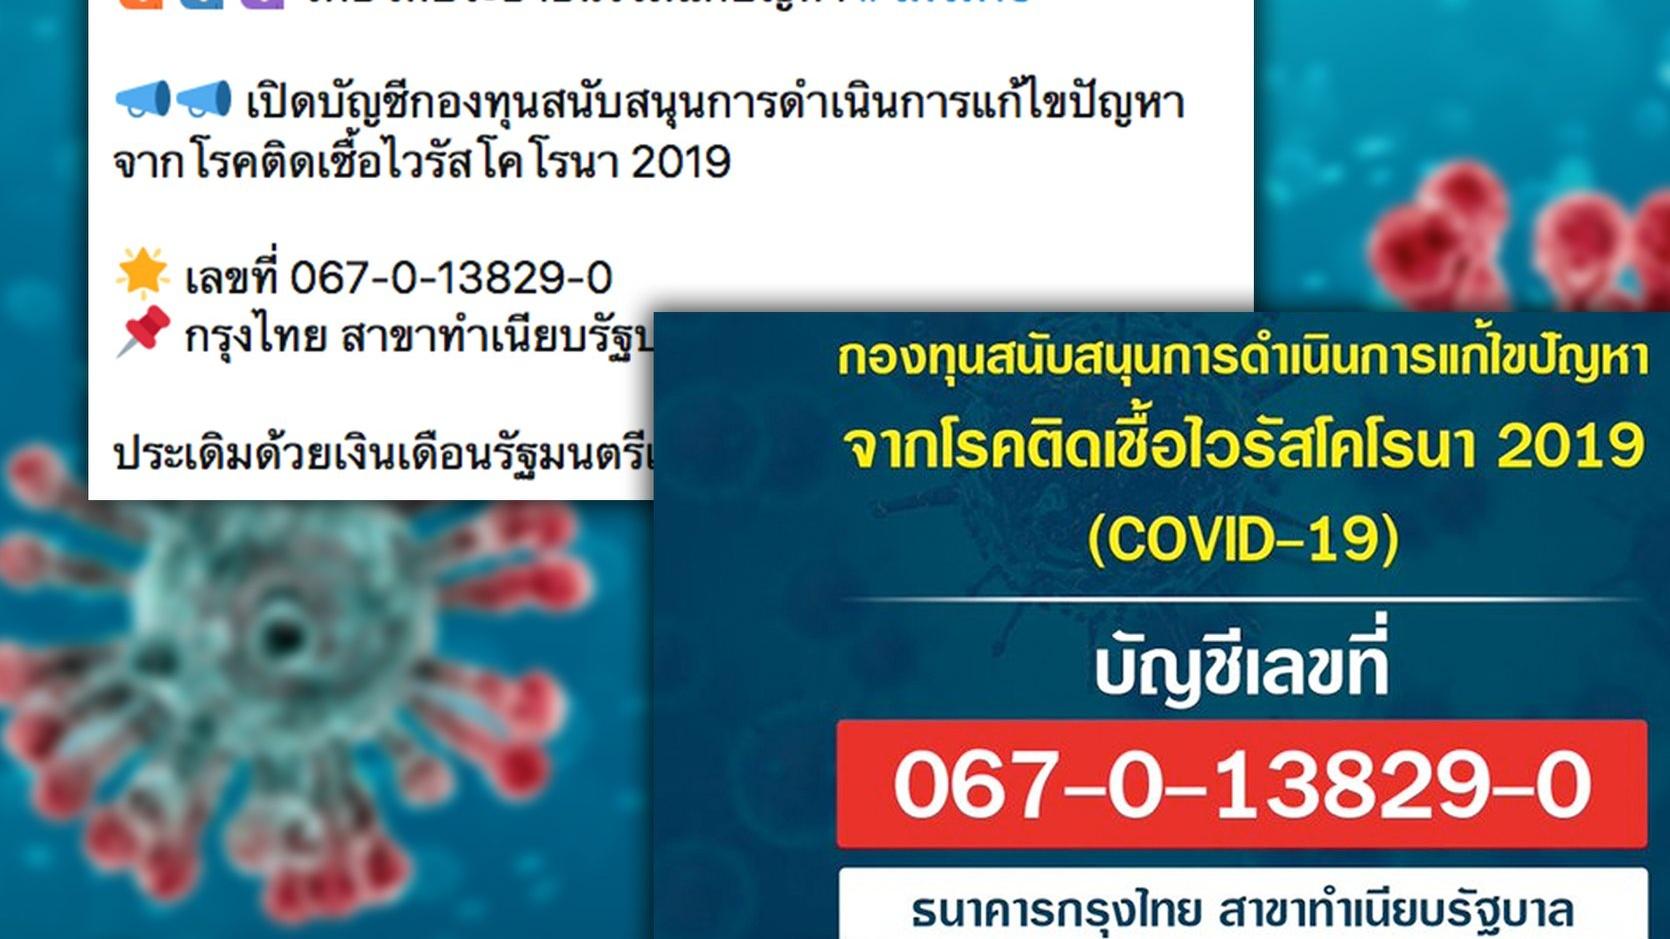 ข่าวสดวันนี้ ไวรัสโควิด-19